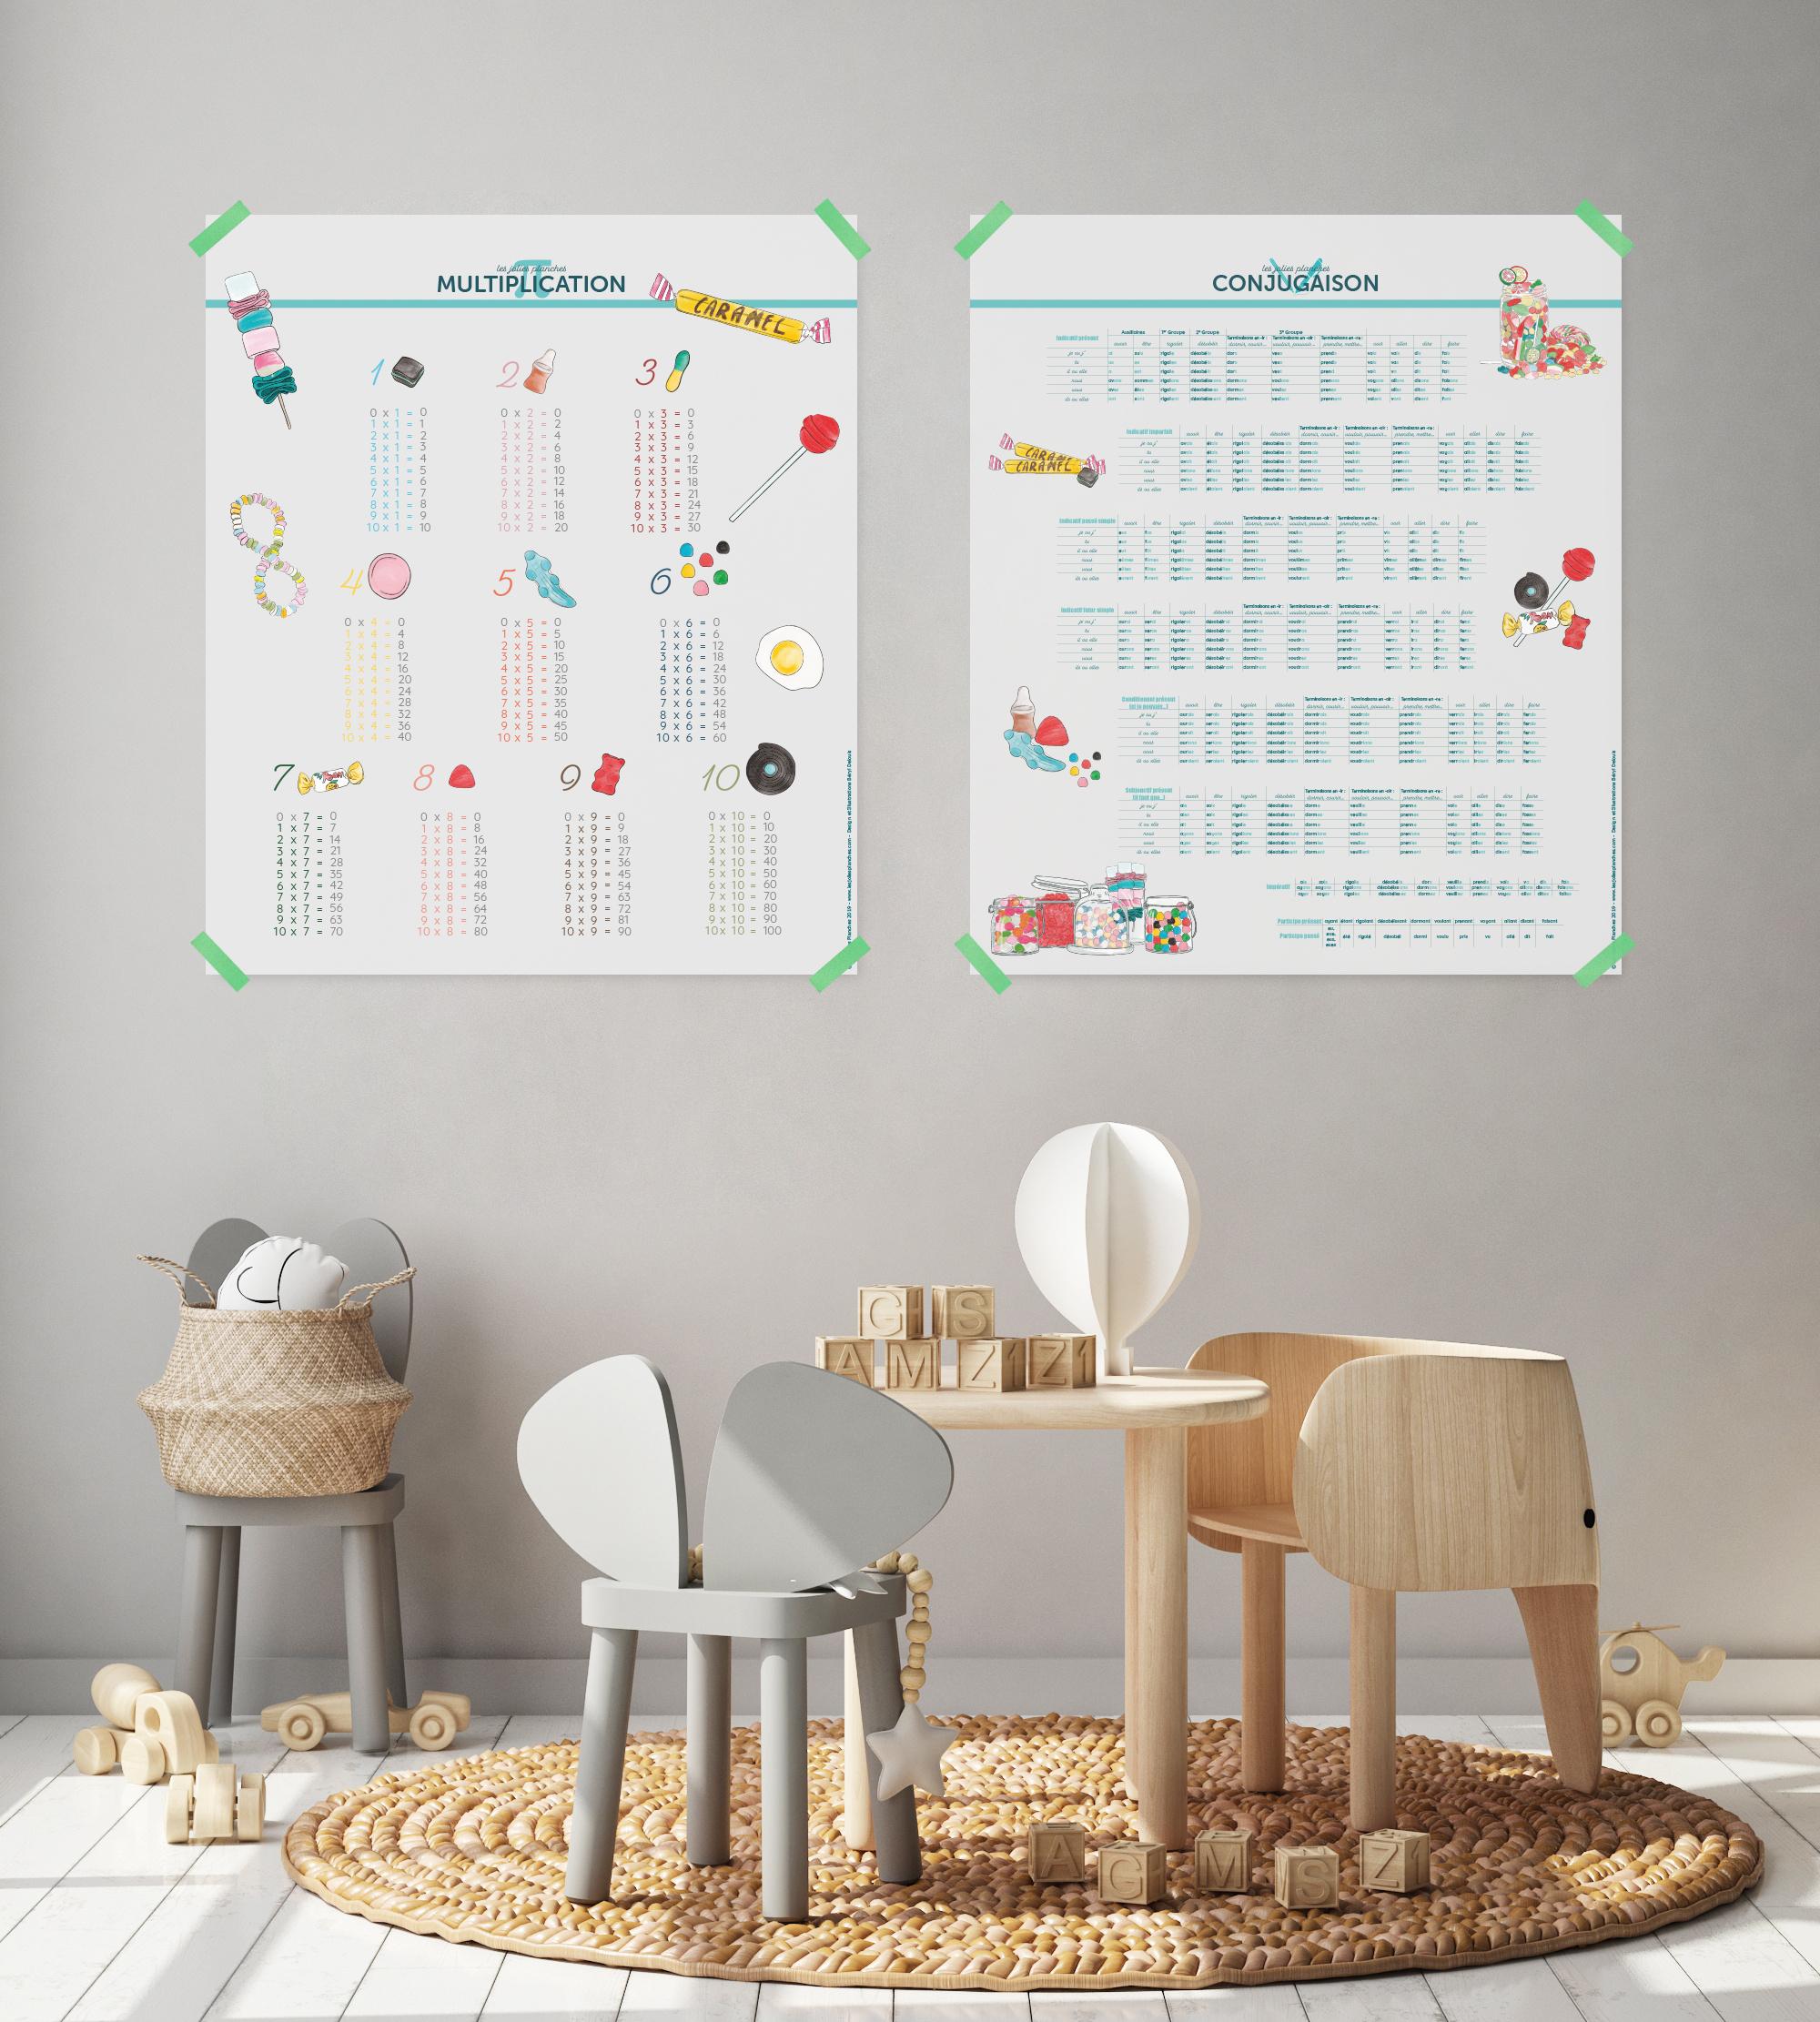 Affiche Pedagogique Decorative Enfant Conjugaison Multiplication Les Jolies Planche Les Jolies Planches